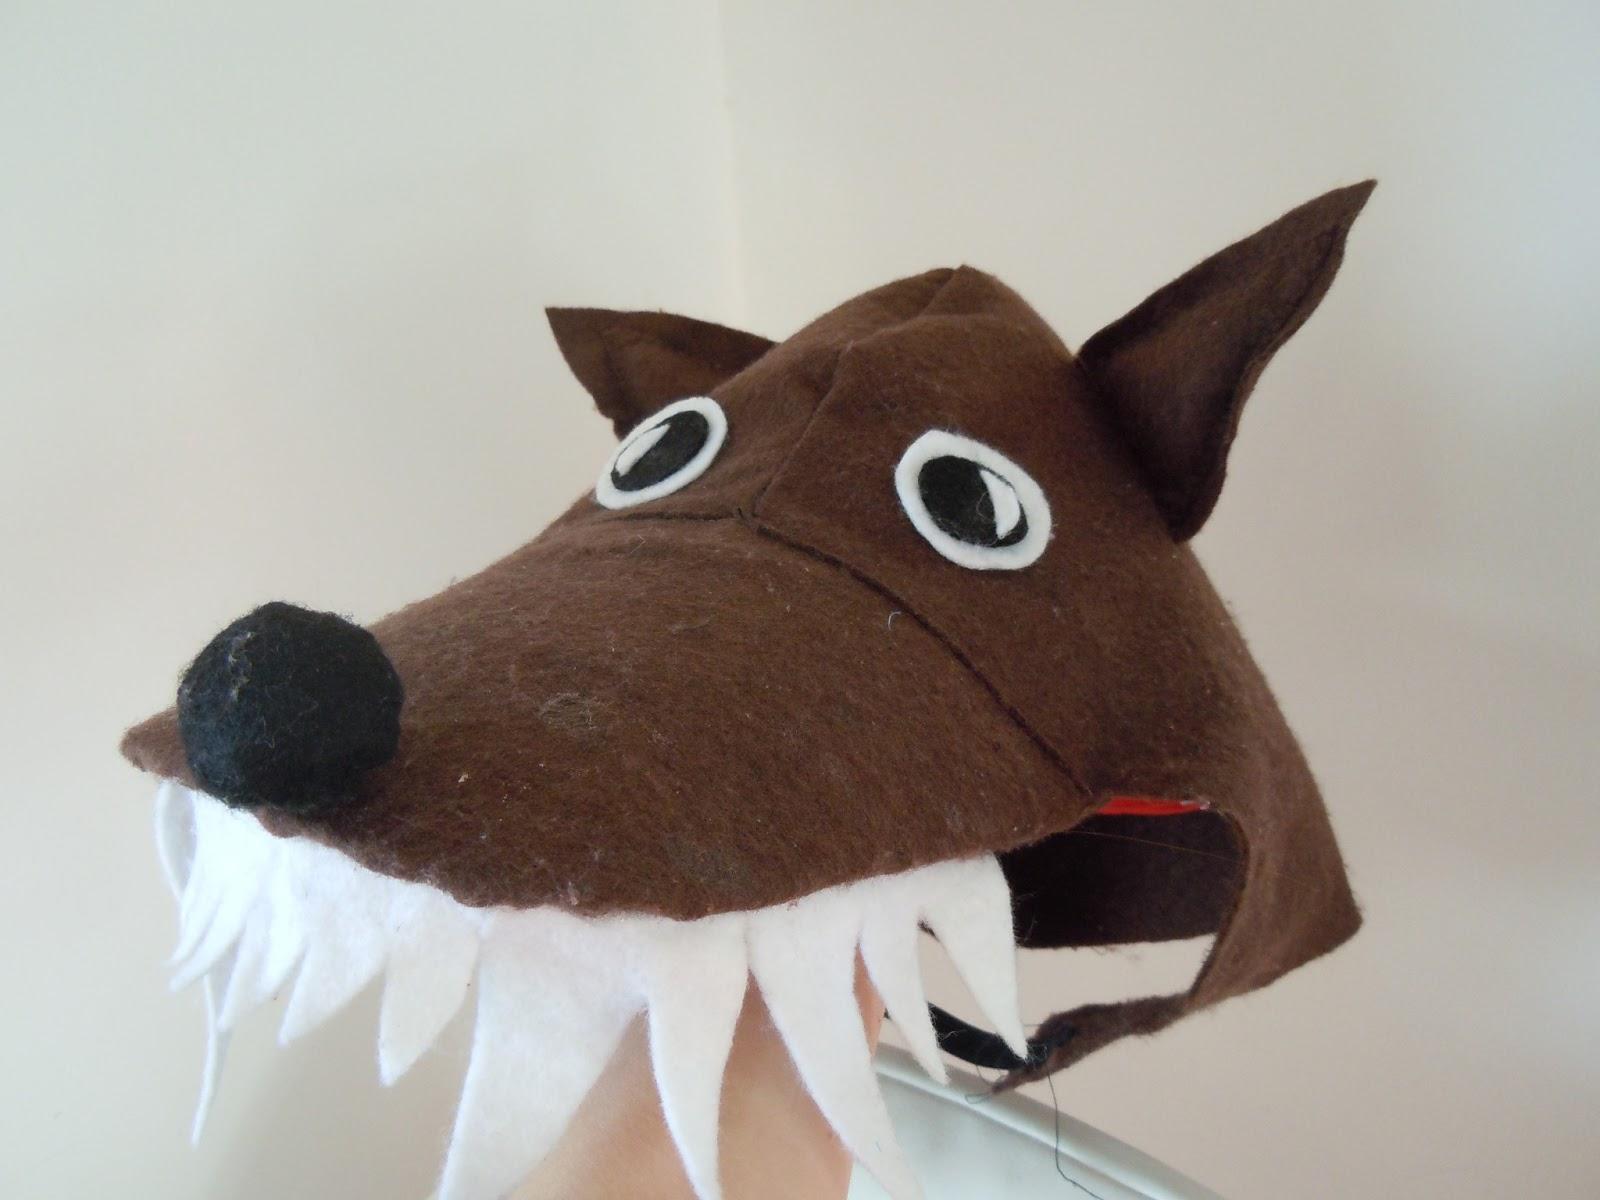 Eccezionale Decora Recicla Immagina: Maschera lupocome costruirla! - The Wolf RO35